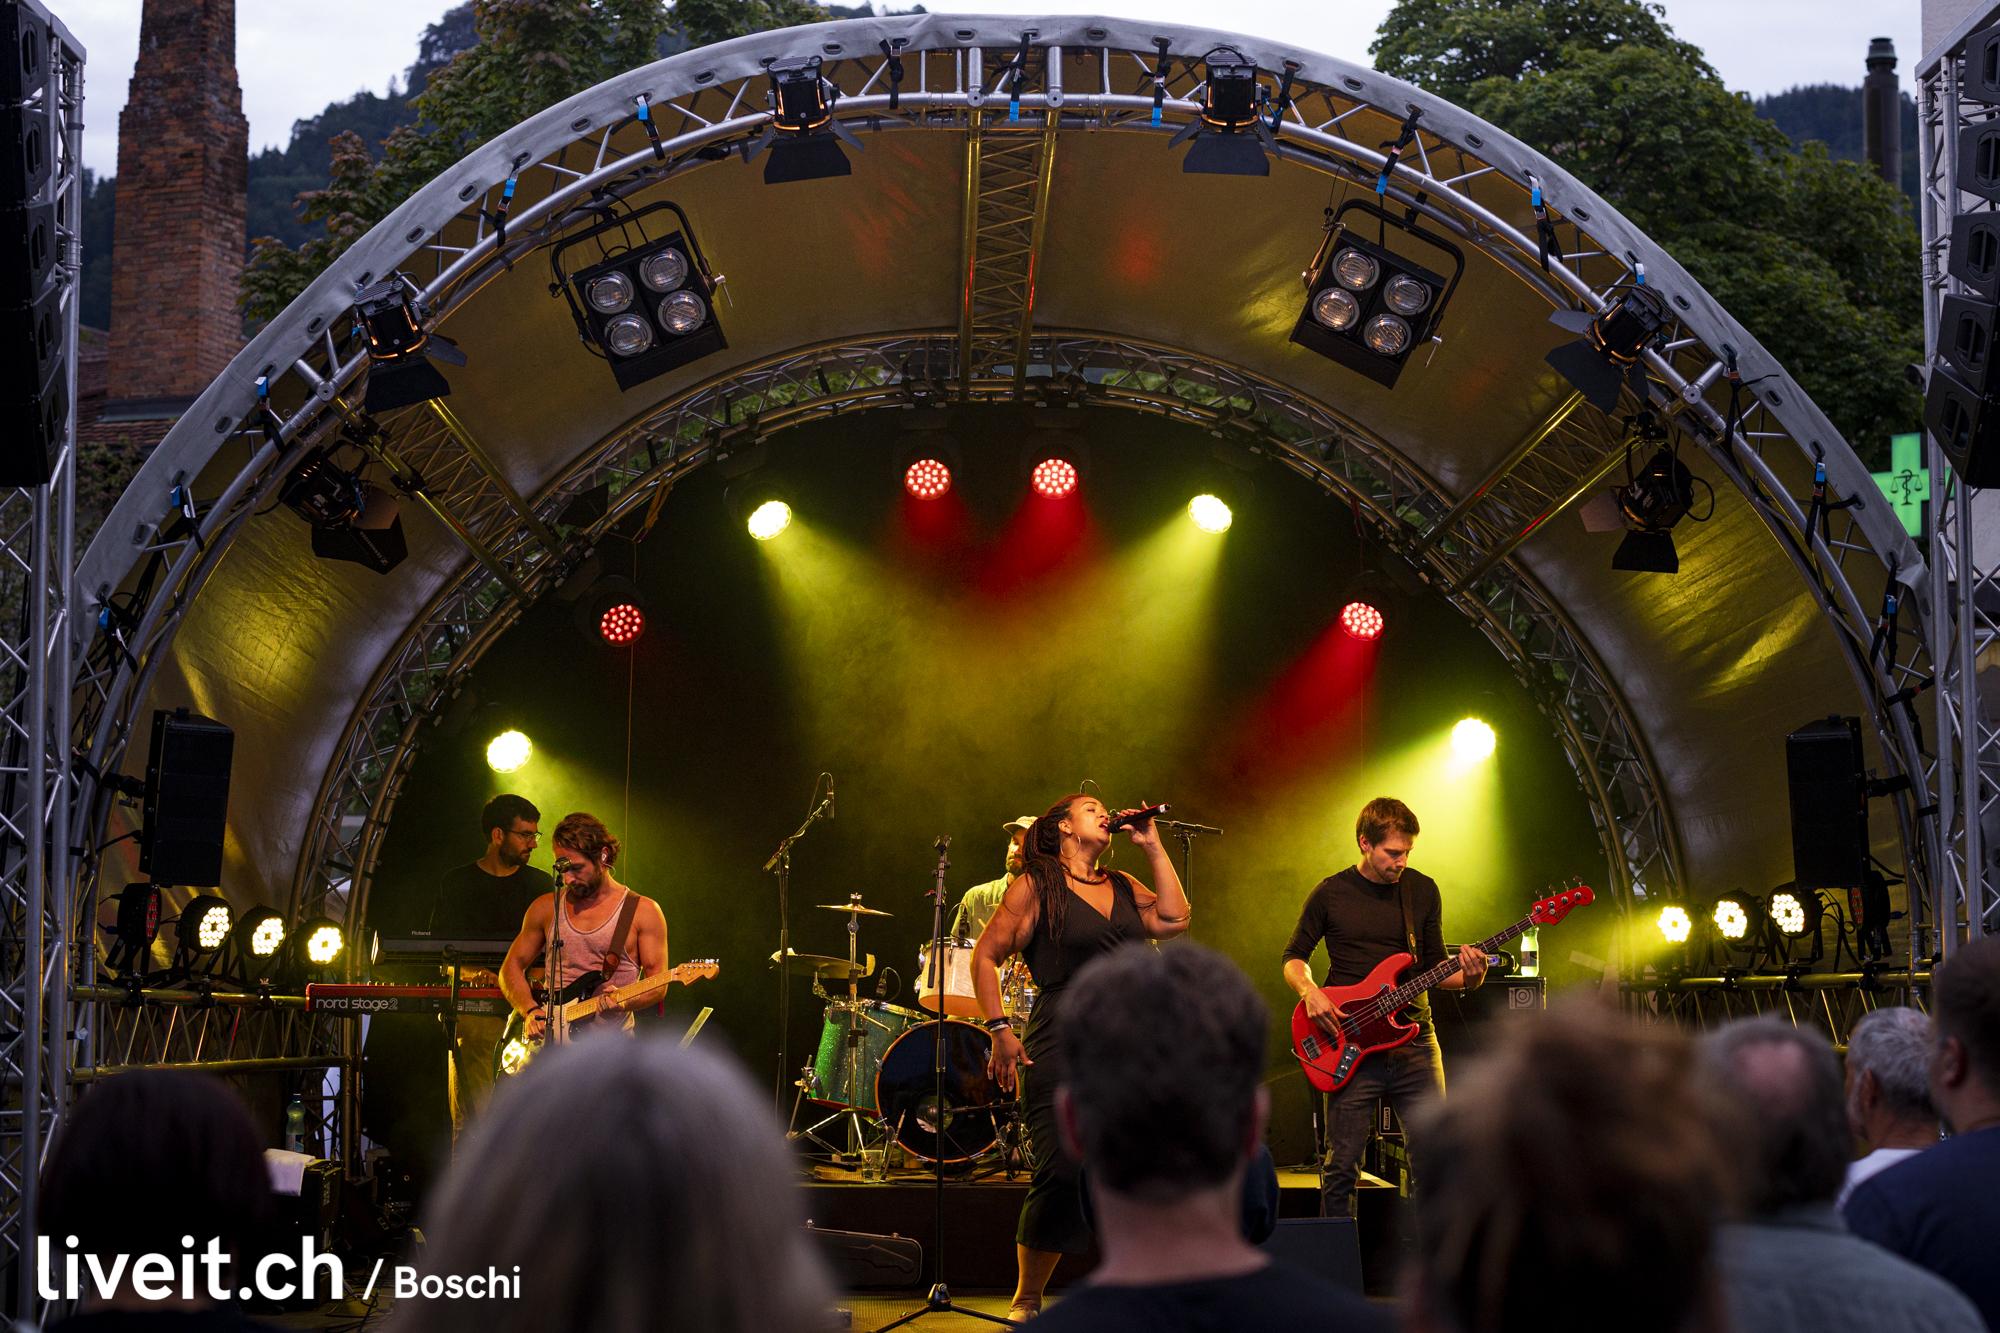 Irina Mossi & Band auf dem Waisenhausplatz am Thunfest 2019 (liveit.ch/boschi)